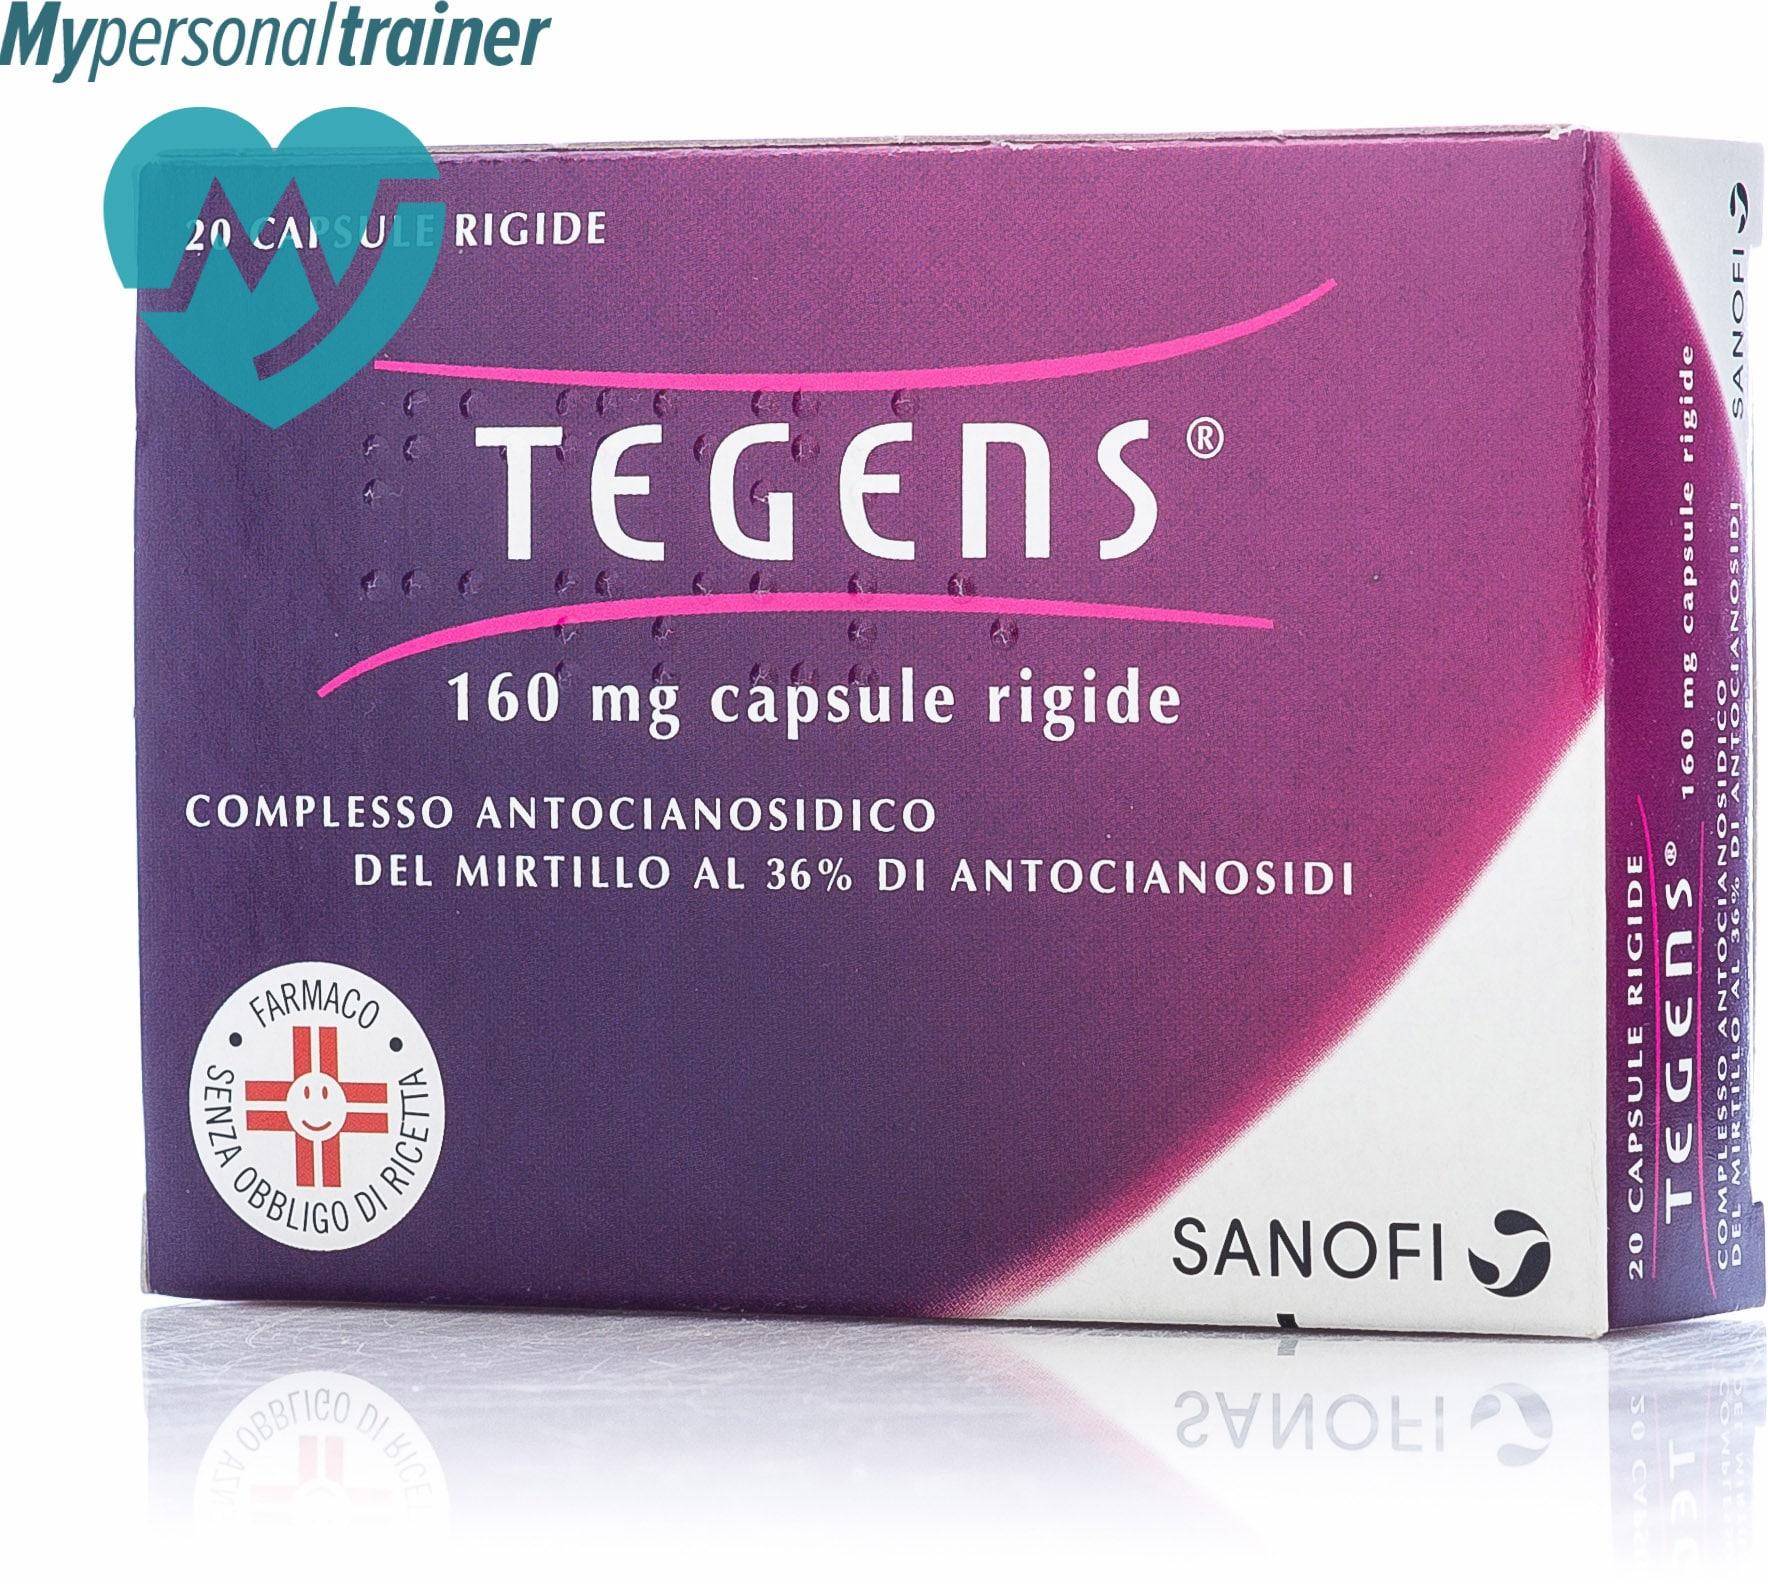 TEGENS ® - Foglietto Illustrativo a5bf5f9af82d